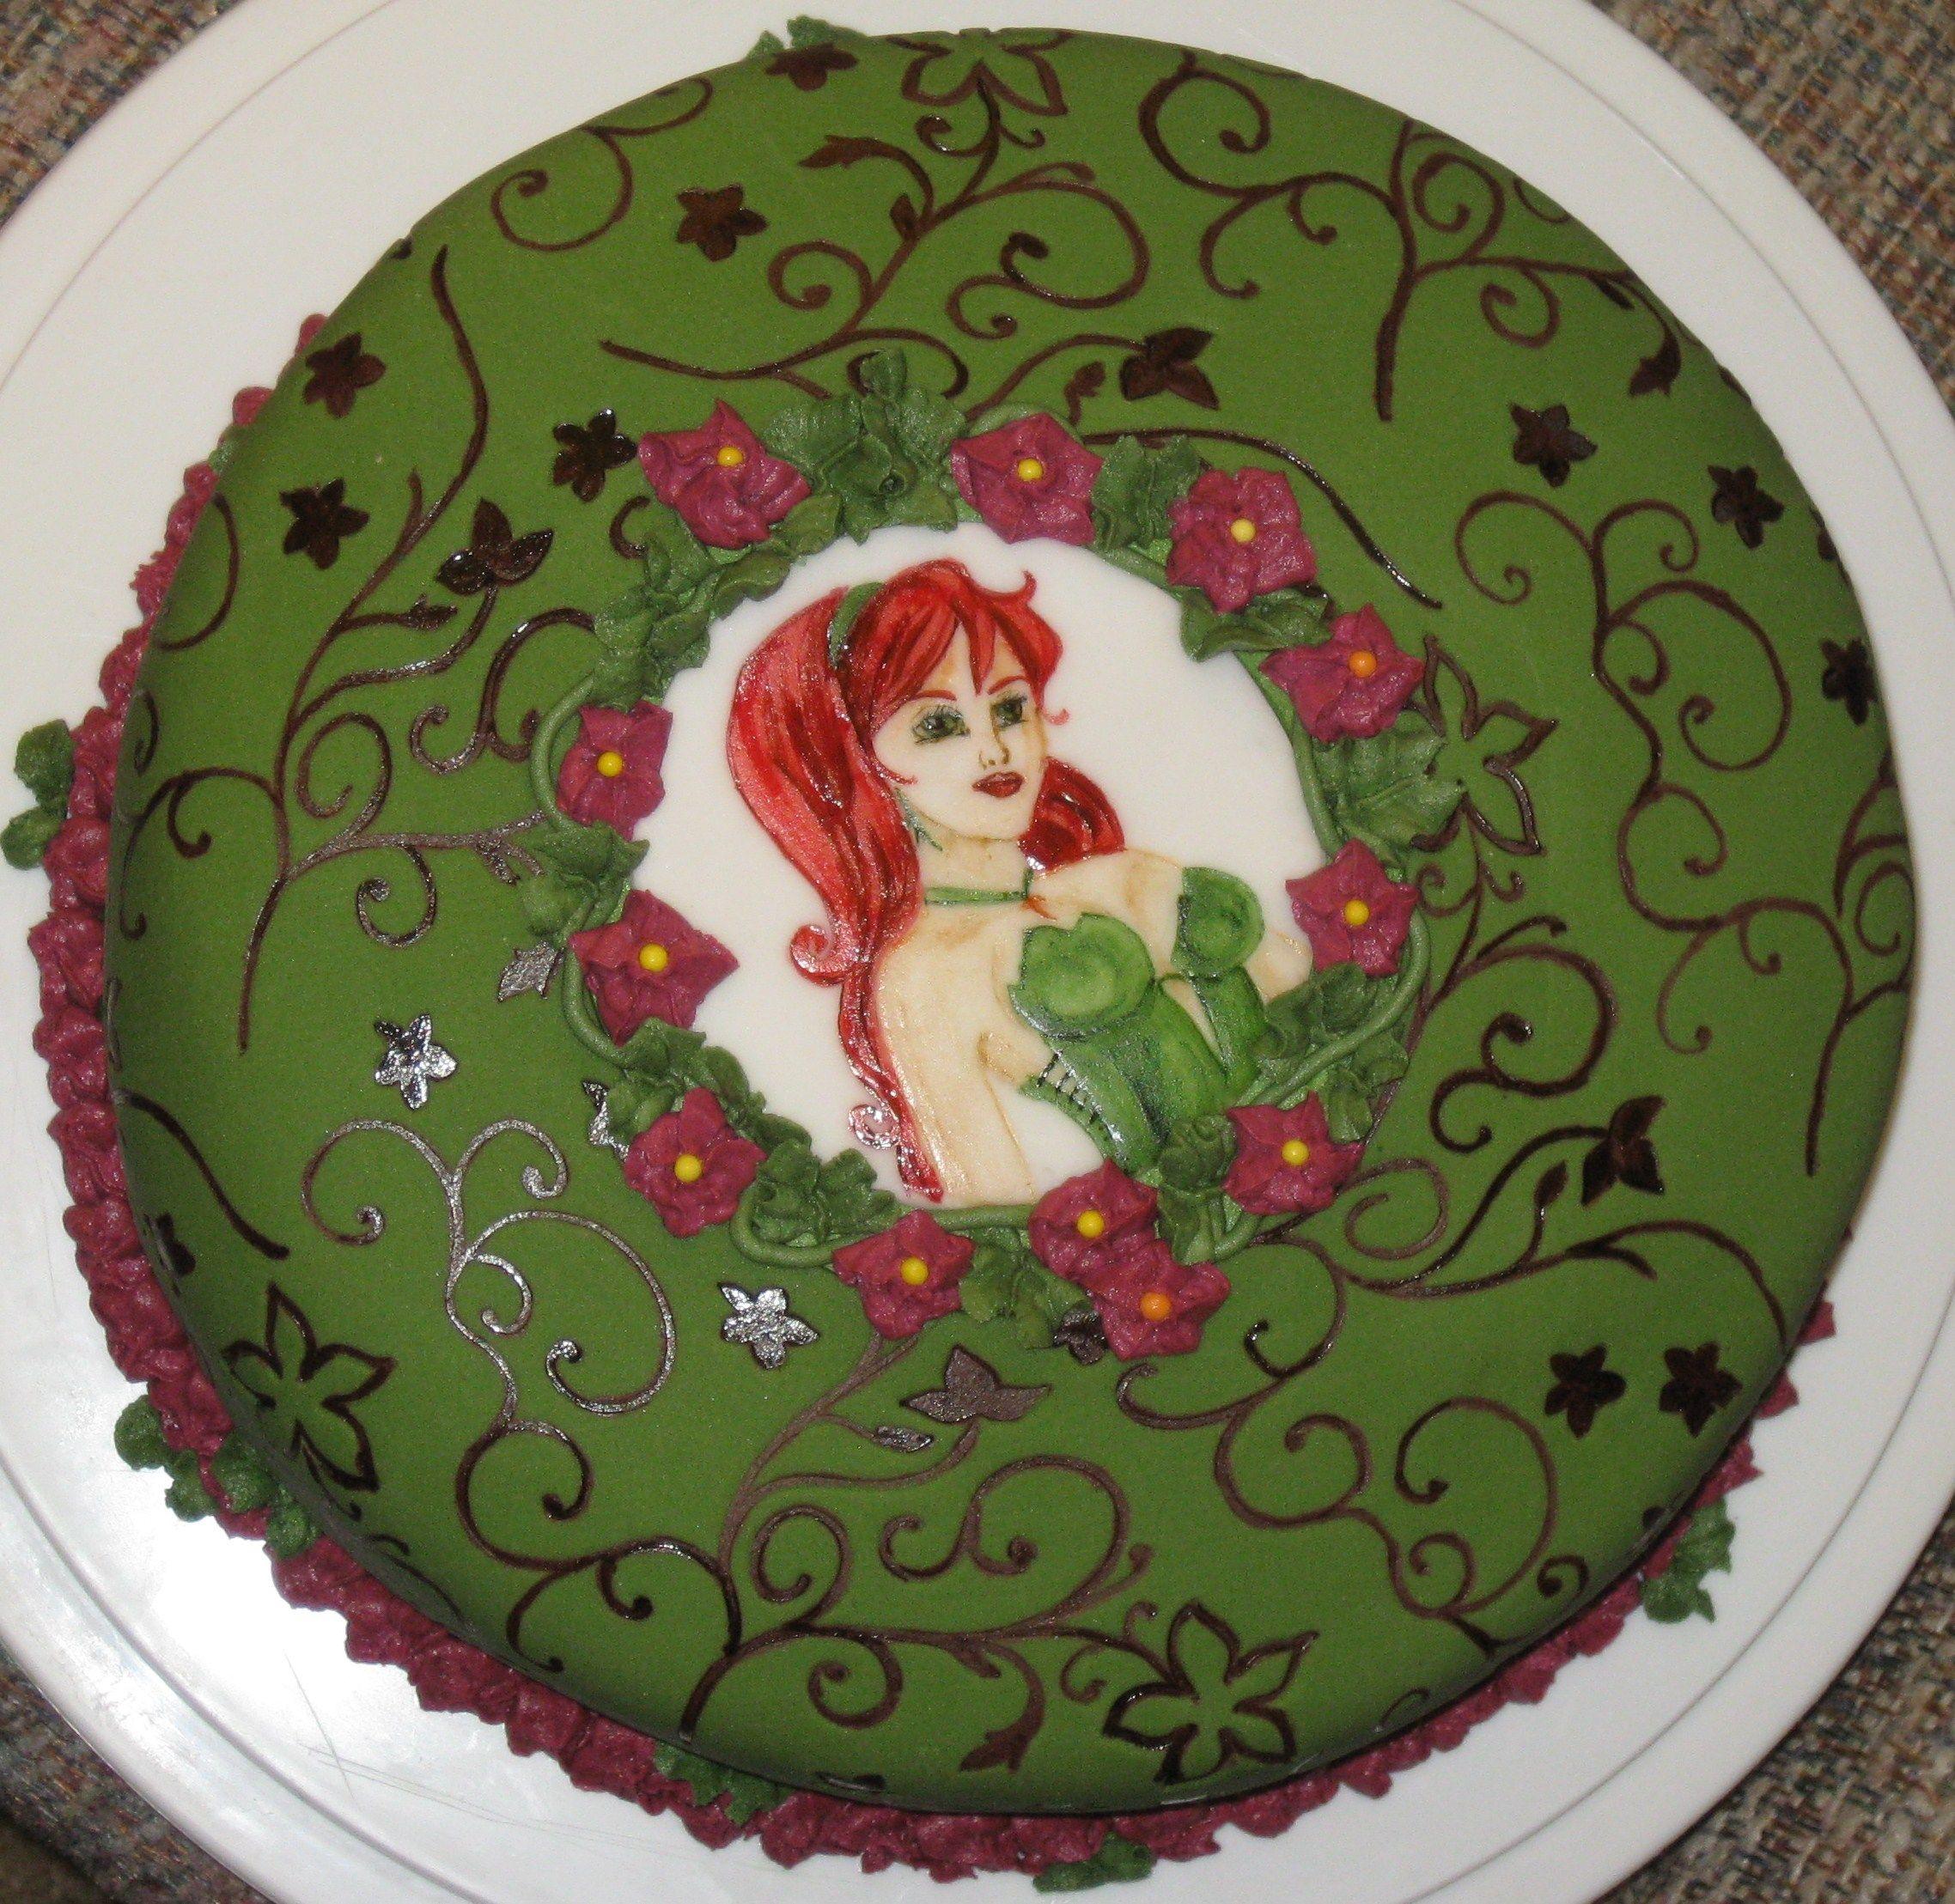 Poison Ivy Cake My Cakes Pinterest The O Jays Cakes